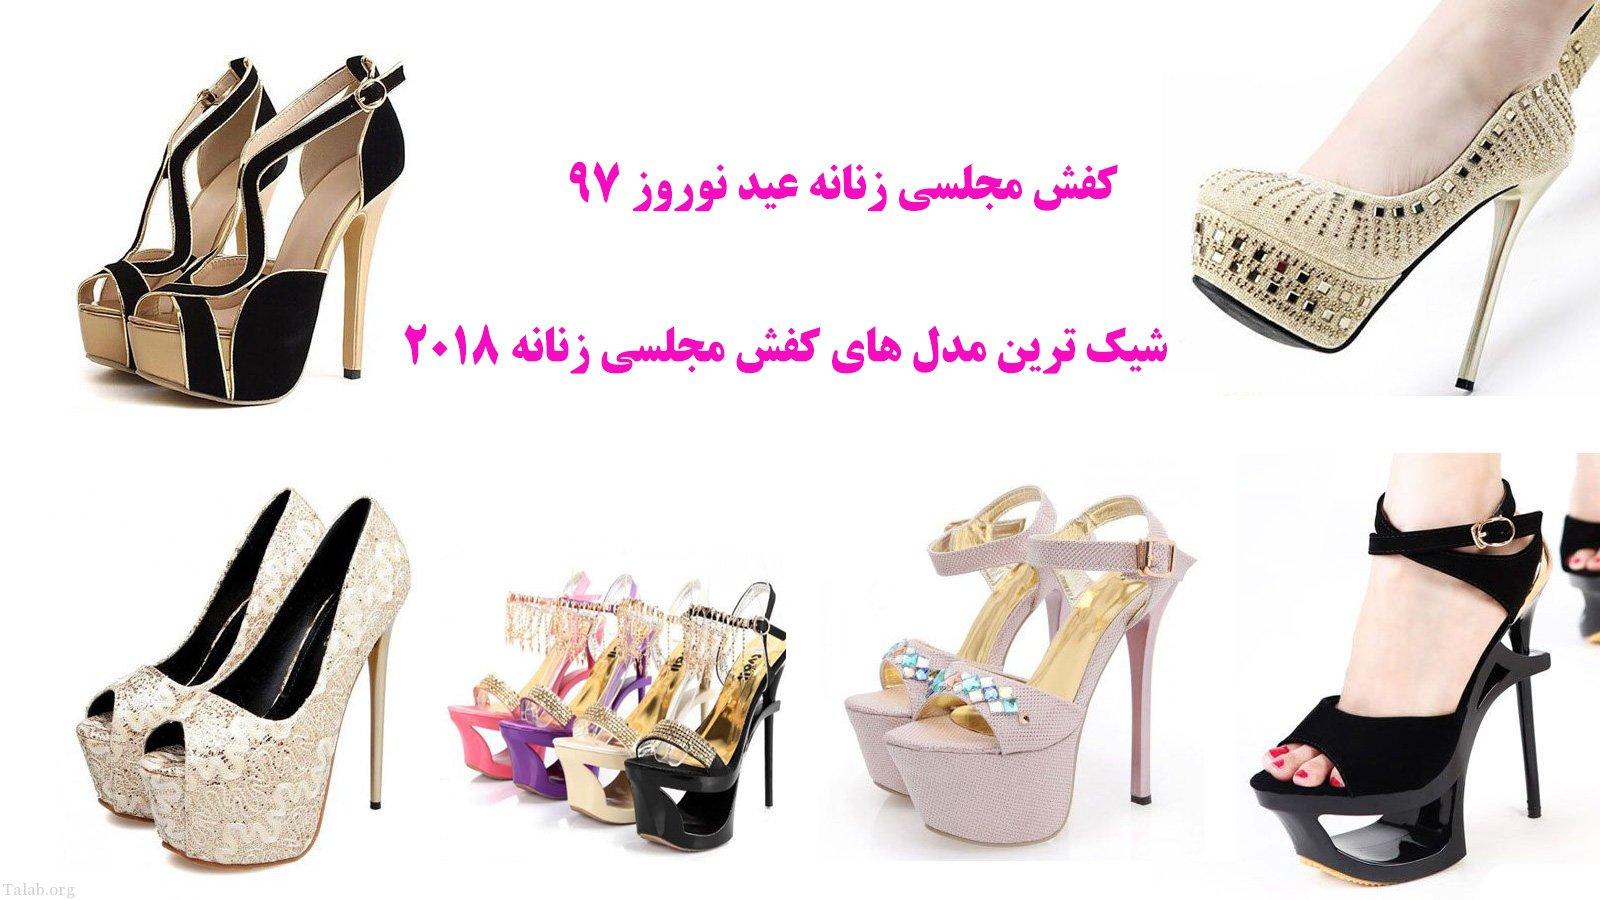 90 مدل کفش مجلسی زنانه | زیباترین مدل کفش های مجلسی دخترانه زنانه 99 – 2020